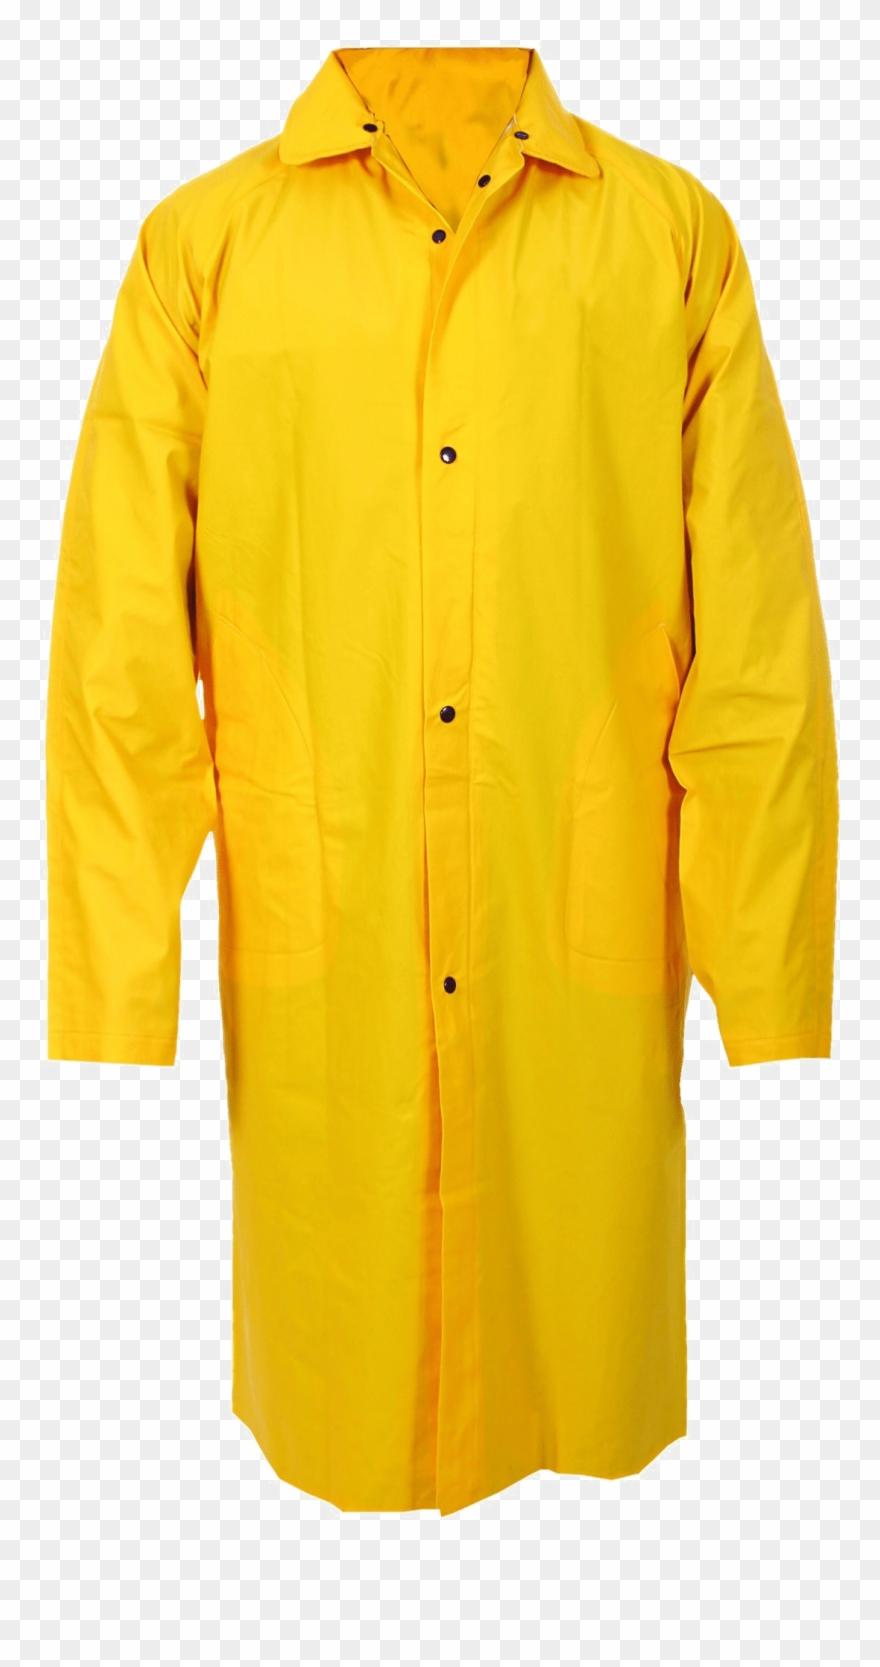 raincoat # 5171400